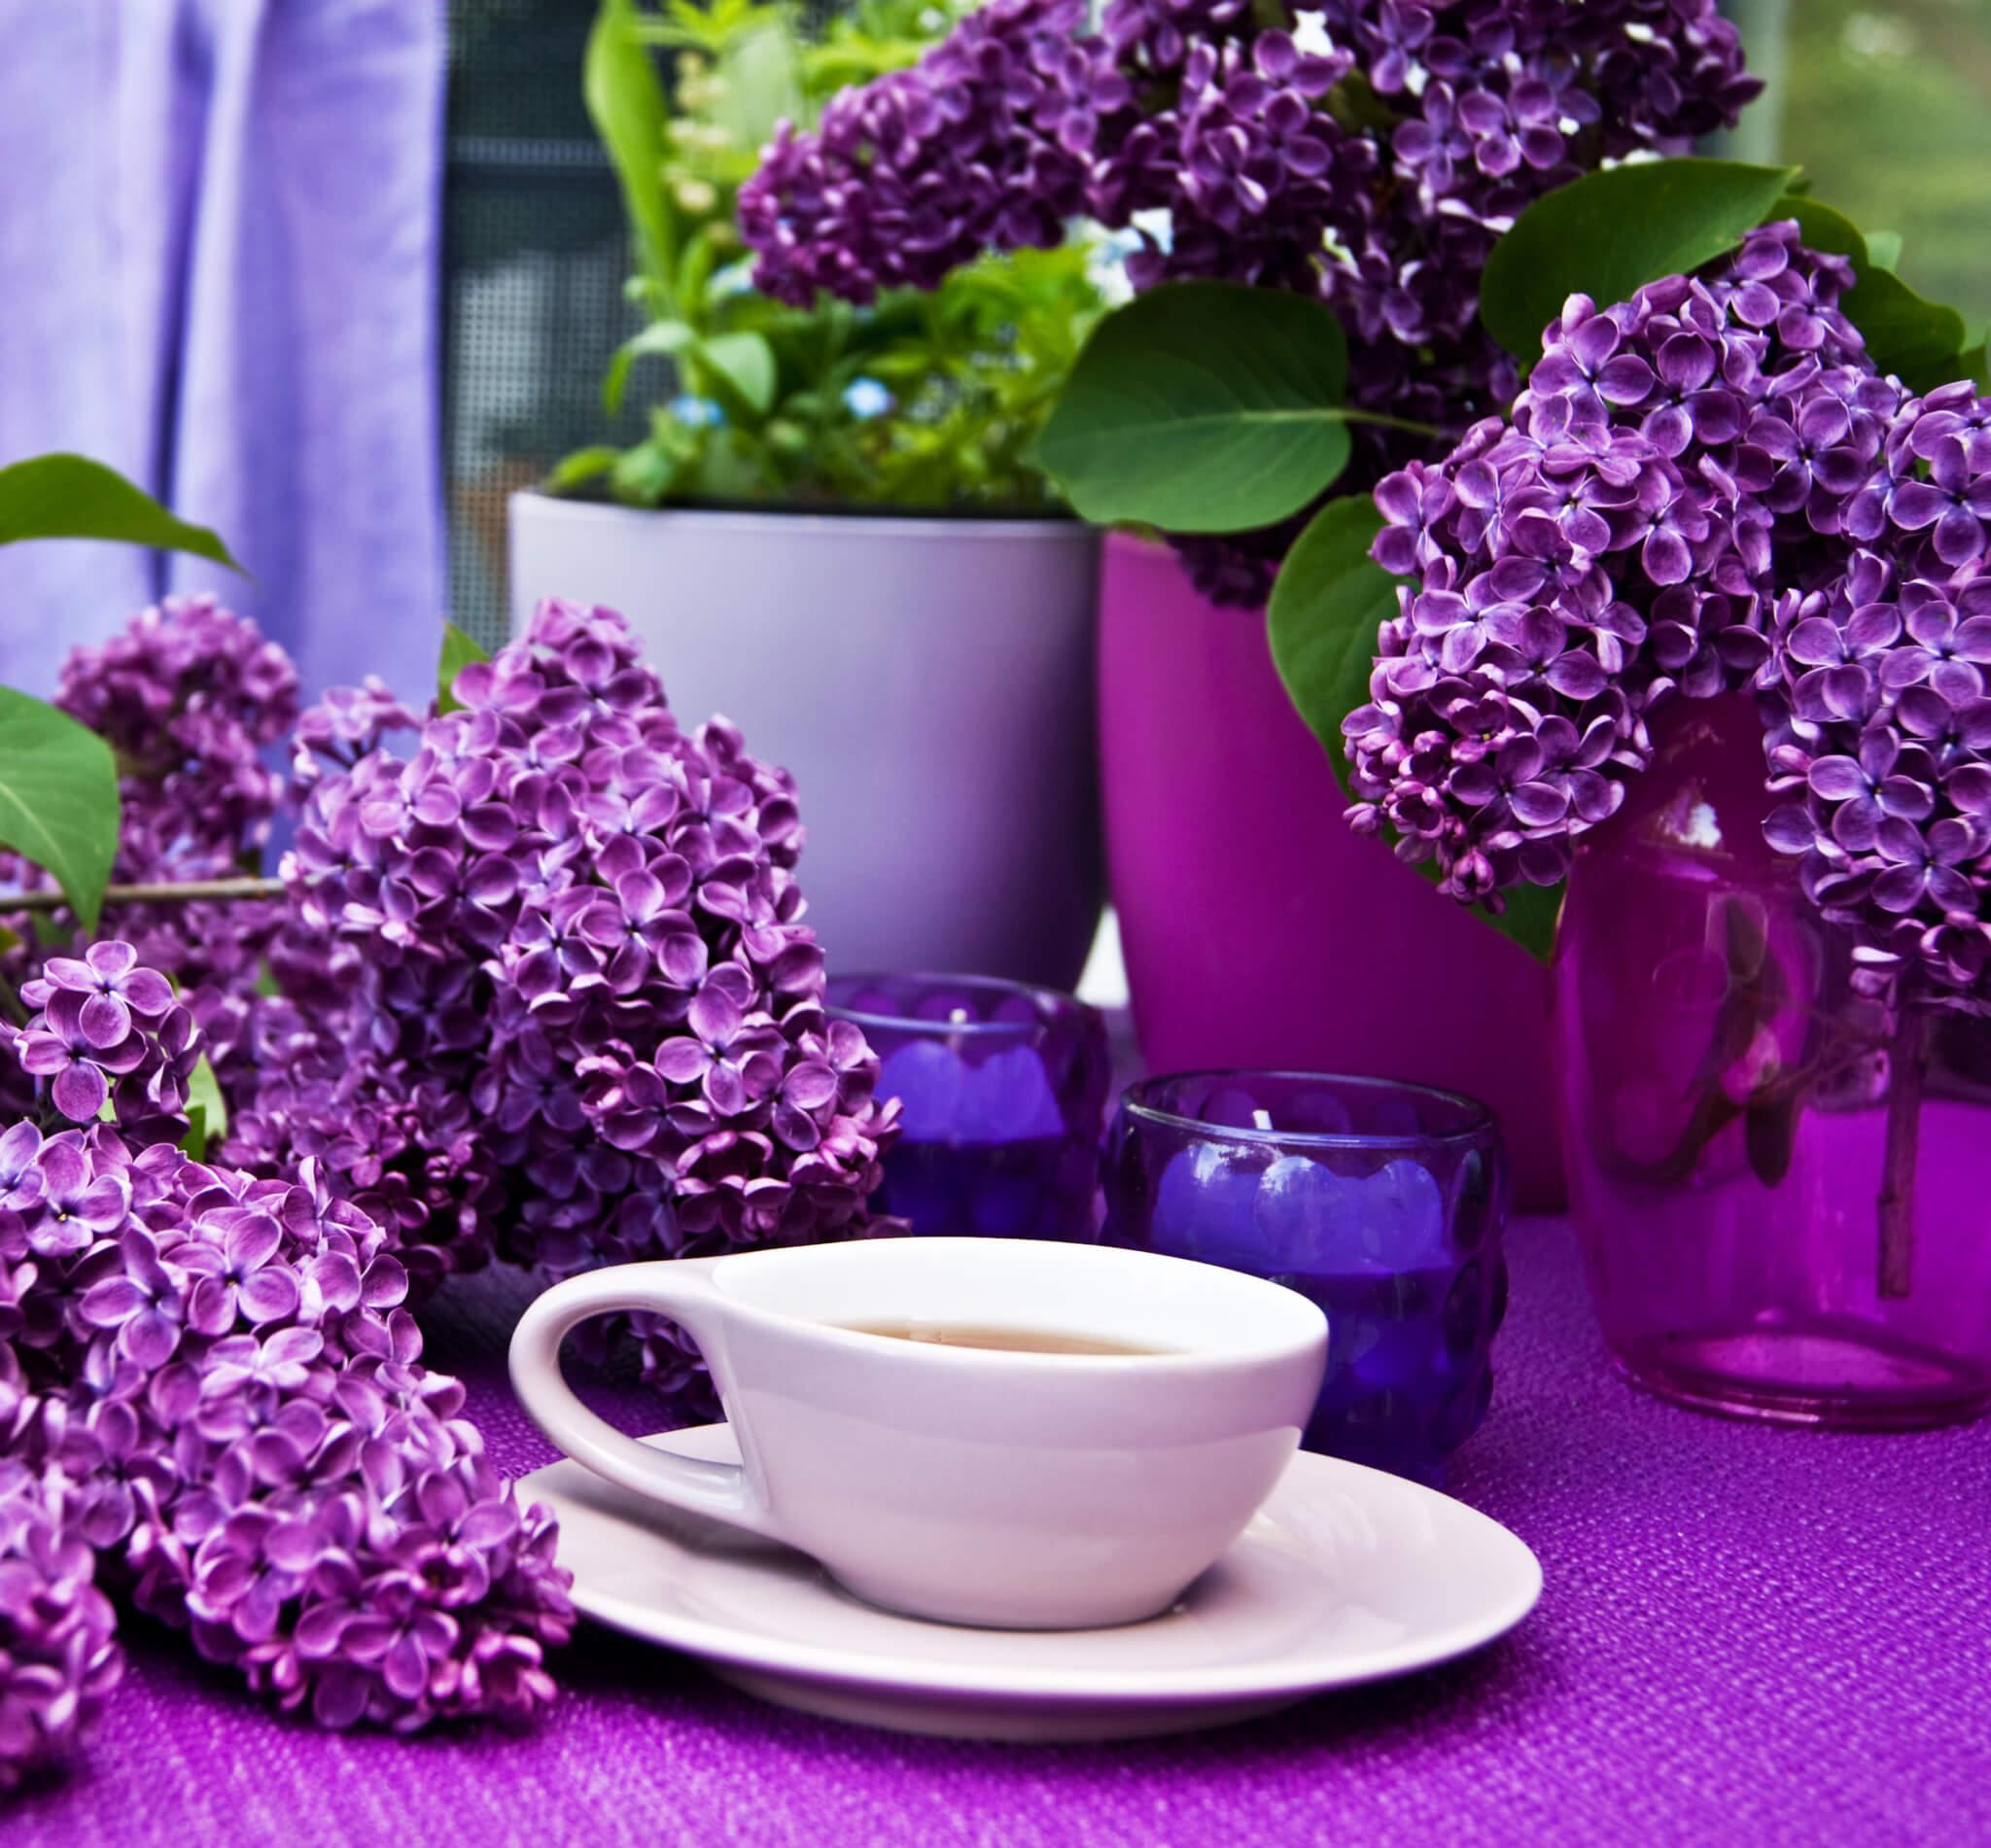 Ratgeber Farben violett